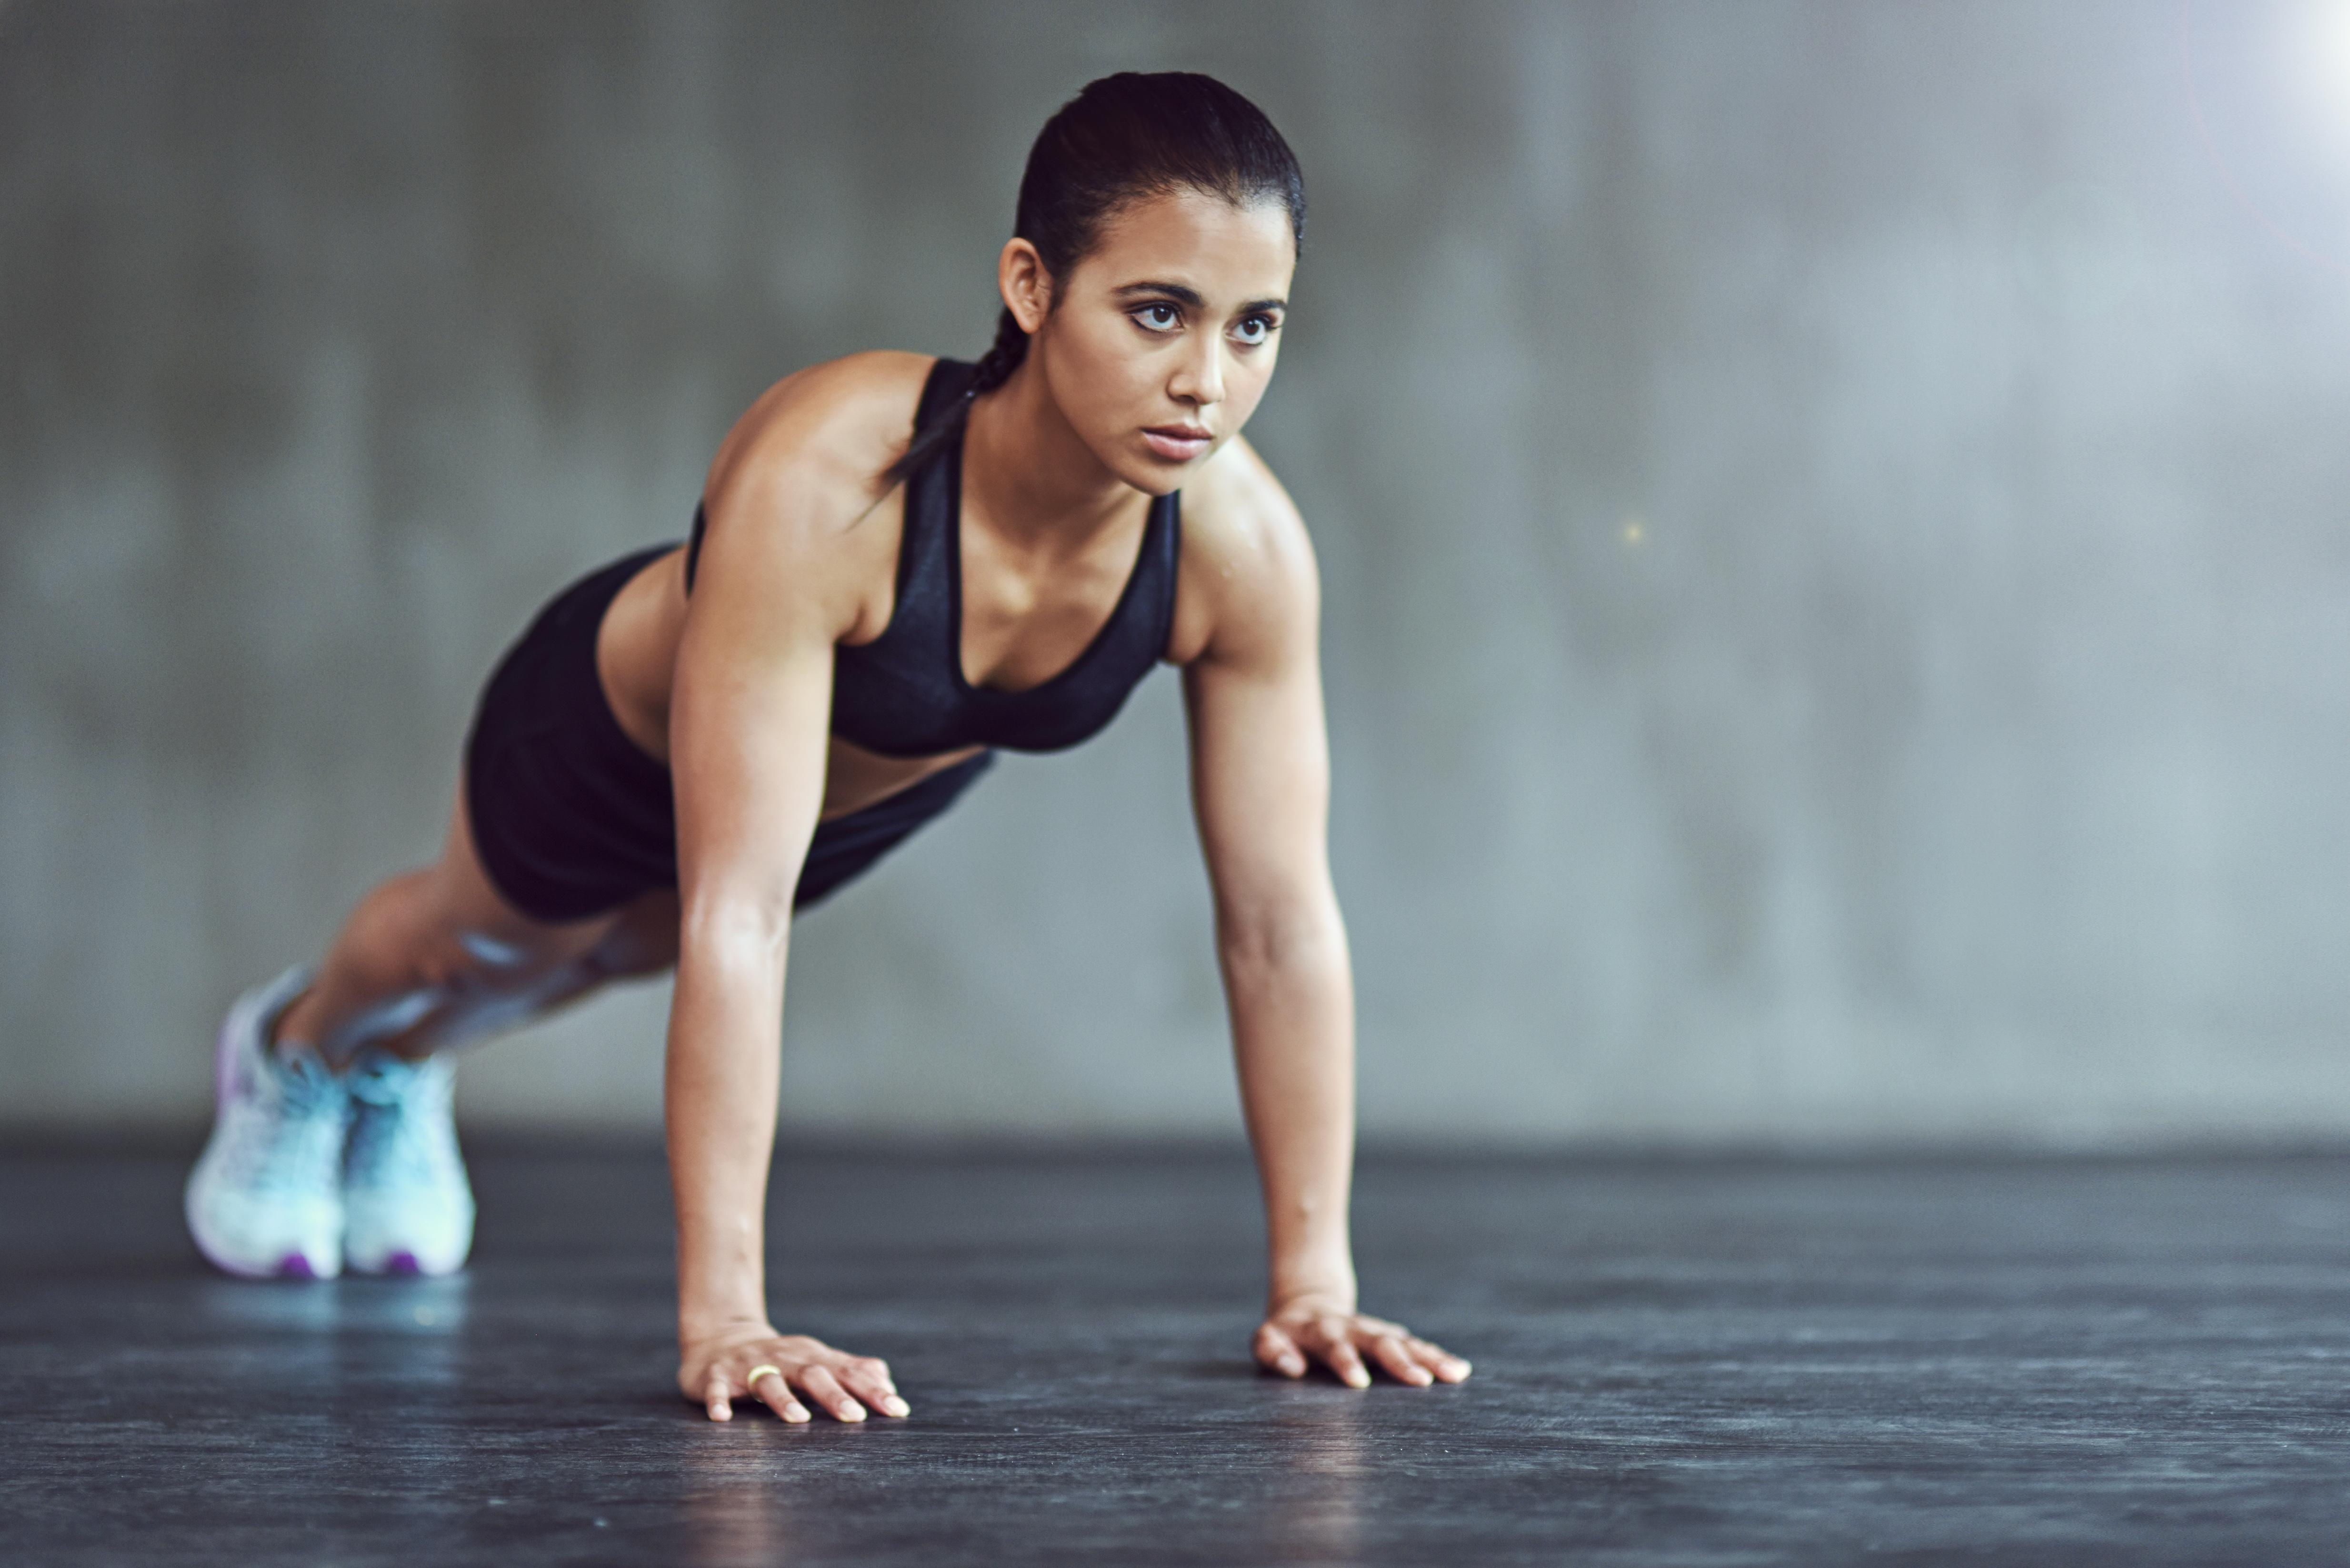 Eine Frau im Sportoutfit macht eine Fitnessübung.